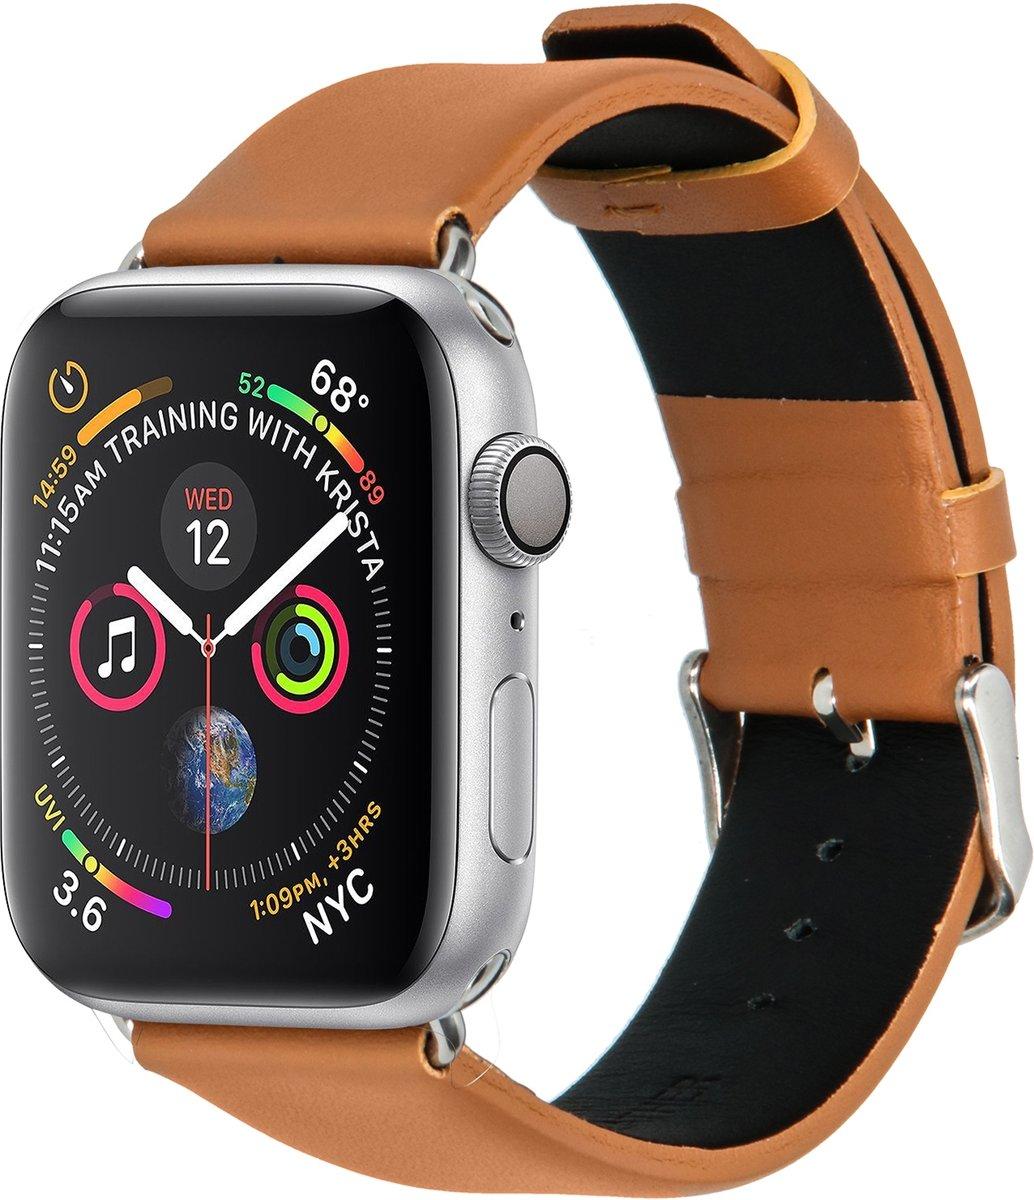 Merkloos Kunstleren bandje - Apple Watch Series 1/2/3/4 (38&40mm) - Bruin